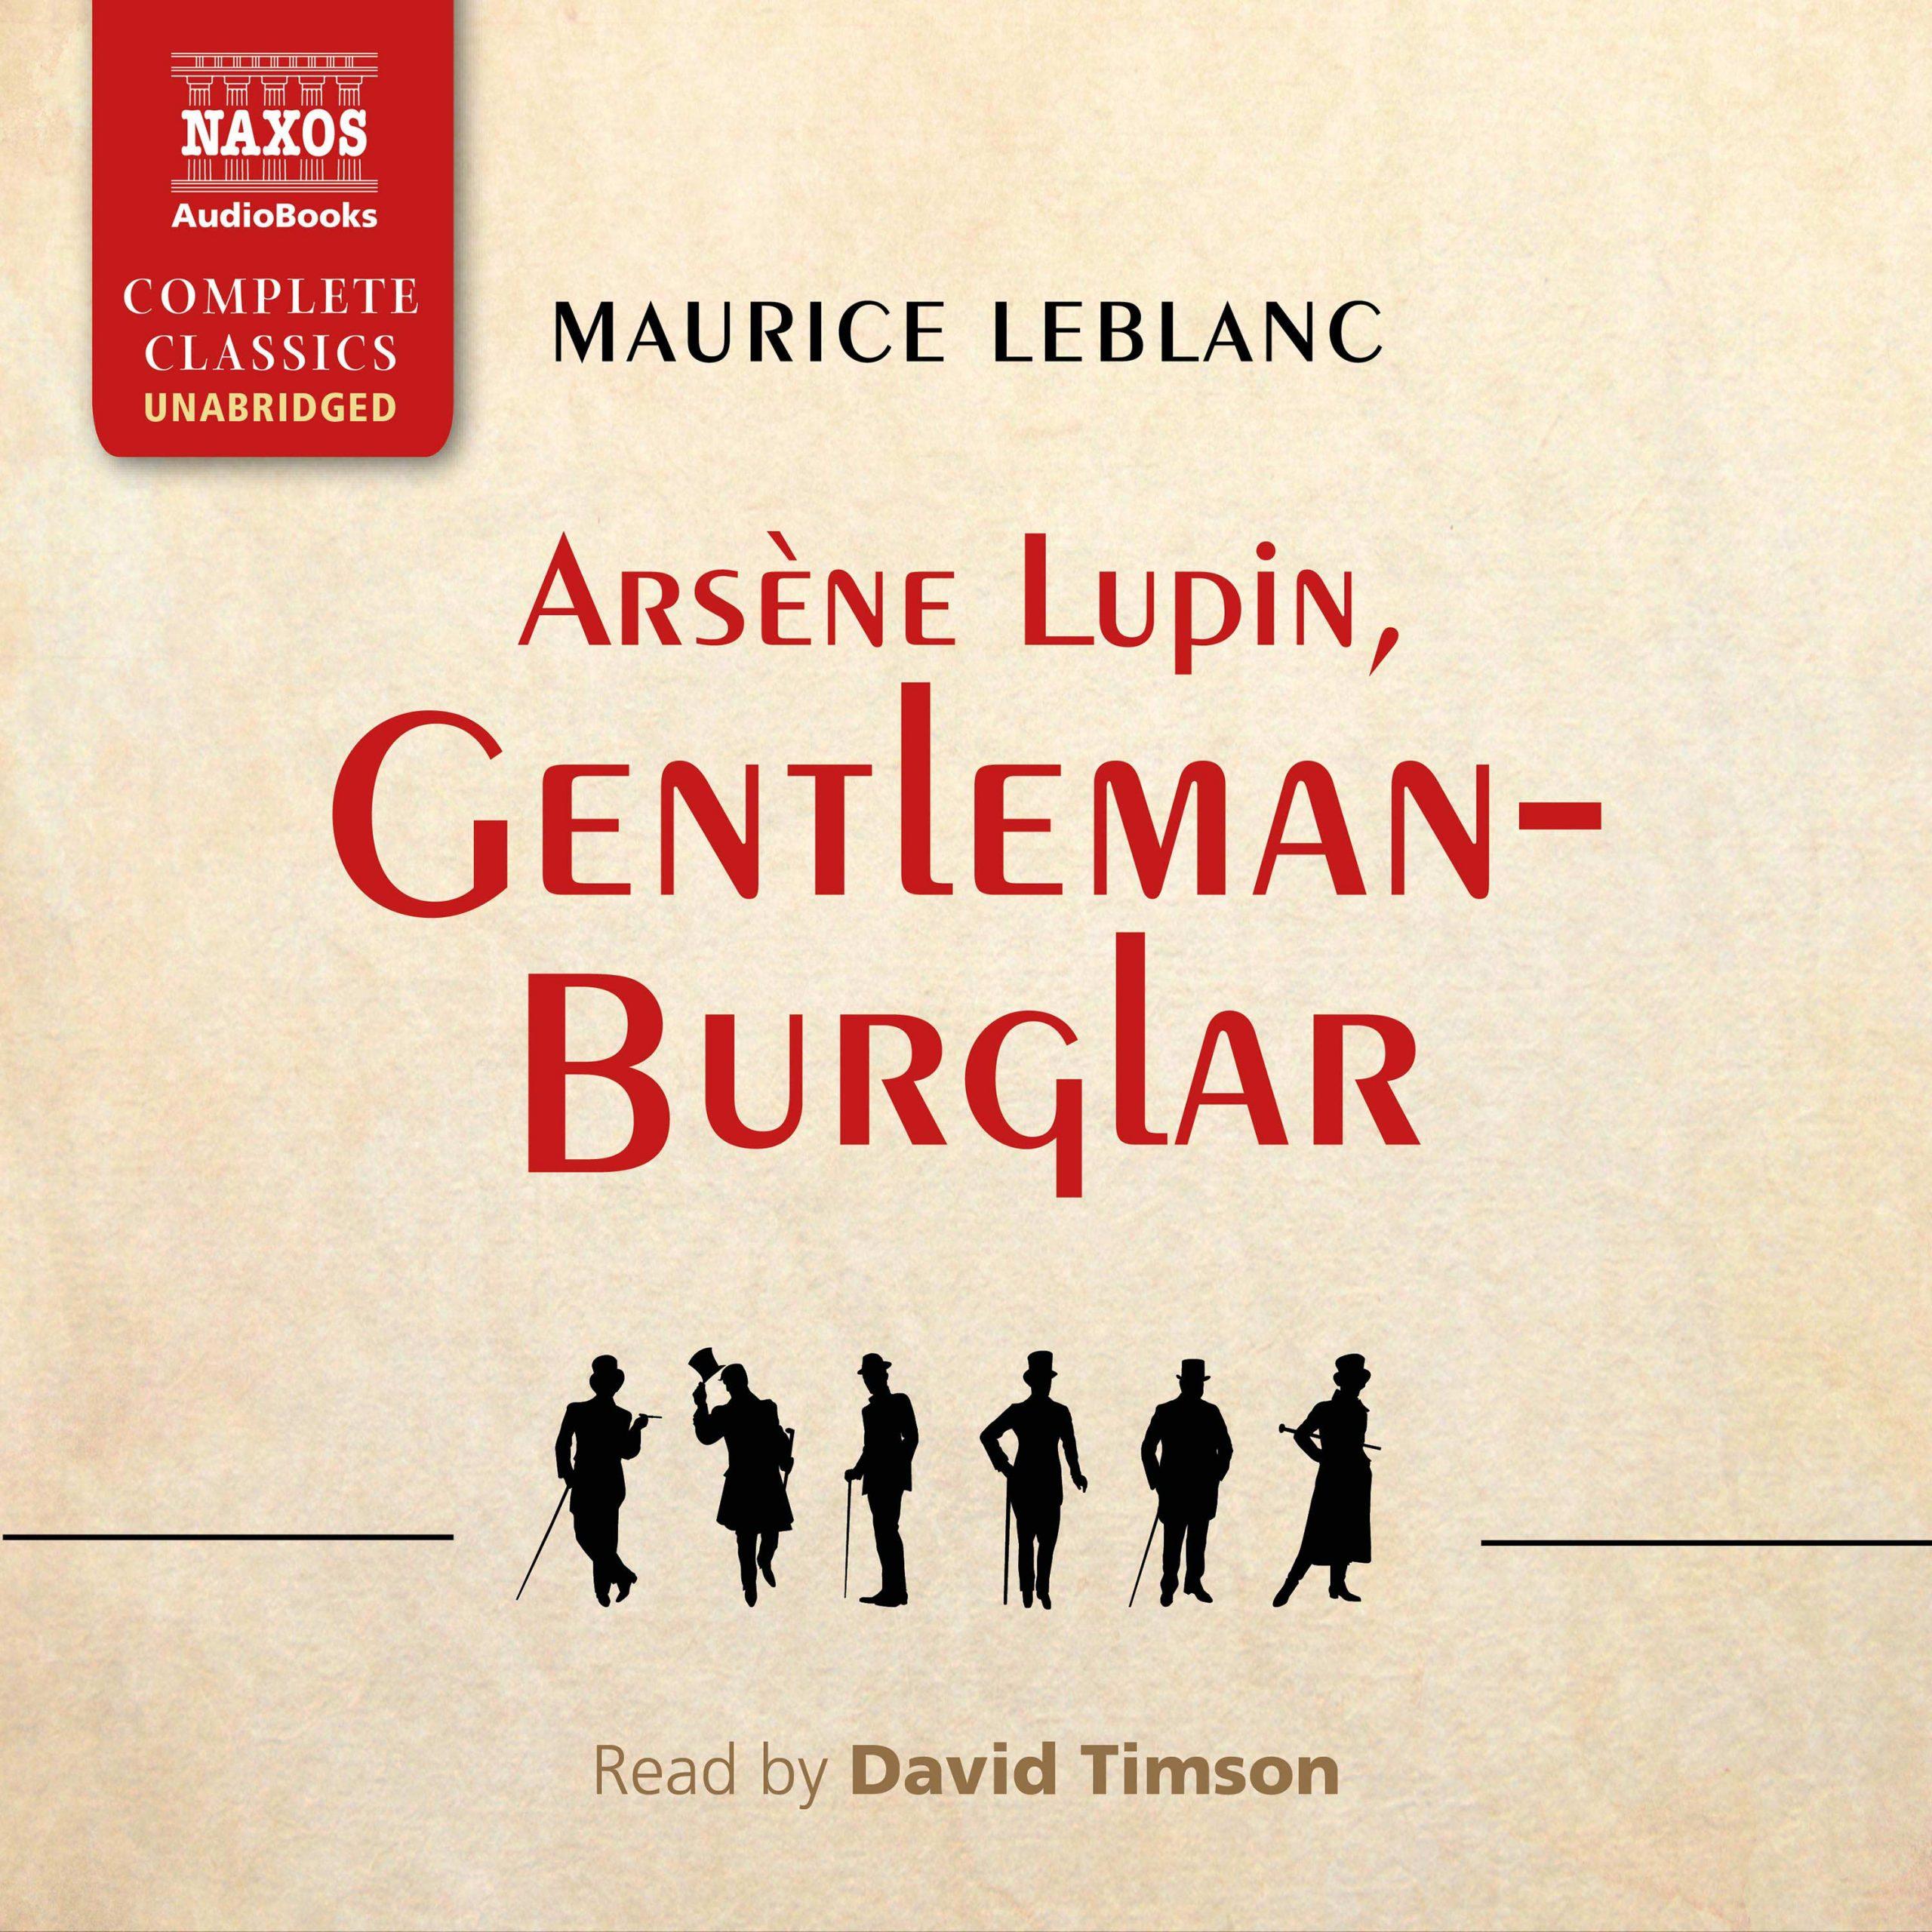 Arsène Lupin, Gentleman-Burglar (unabridged)